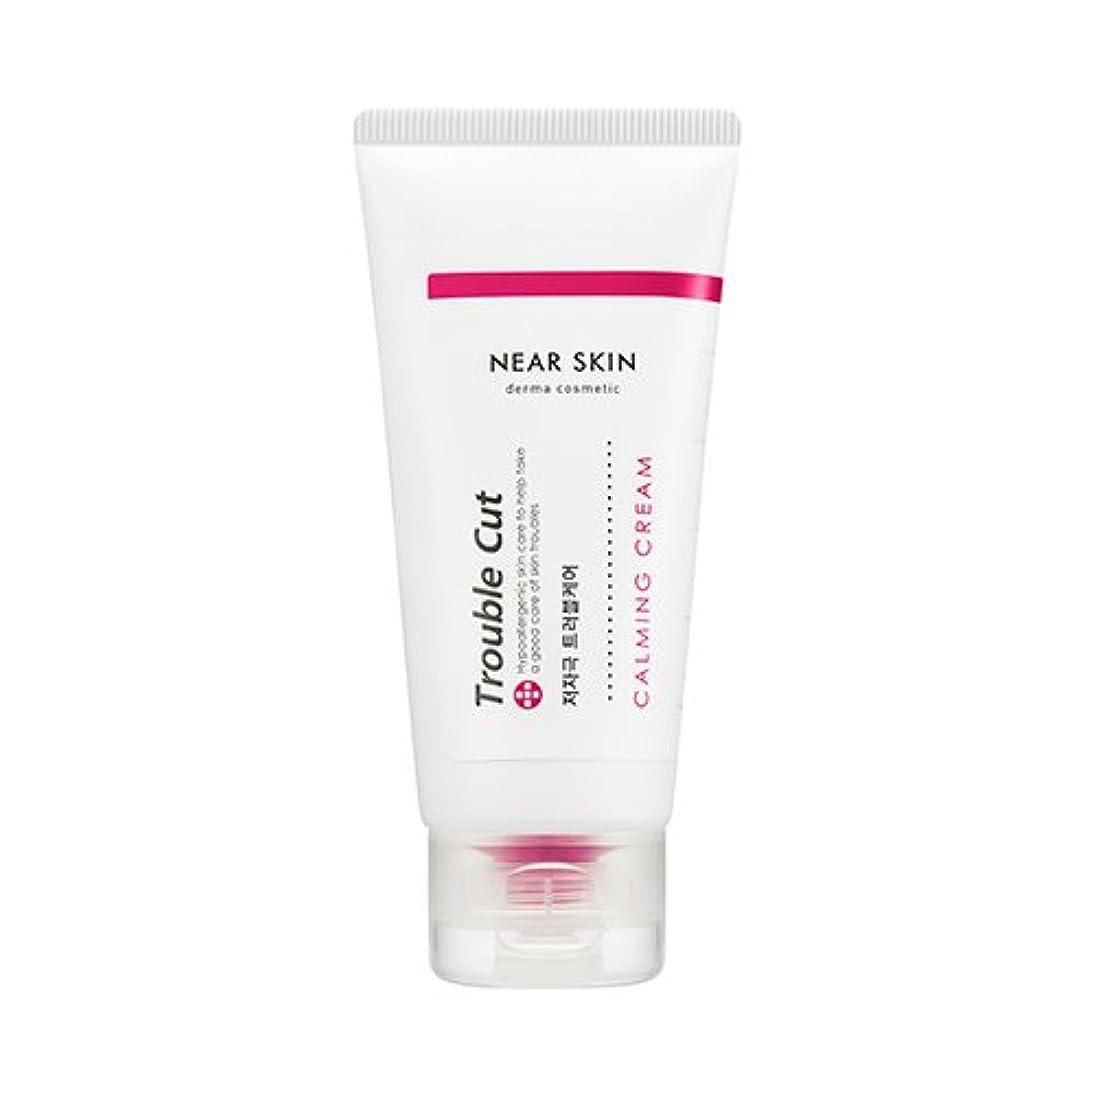 記憶白鳥冷凍庫MISSHA [Near Skin] Trouble Cut Calming Cream 20ml / ミシャ ニアスキン トラブルカットカミングクリーム [並行輸入品]